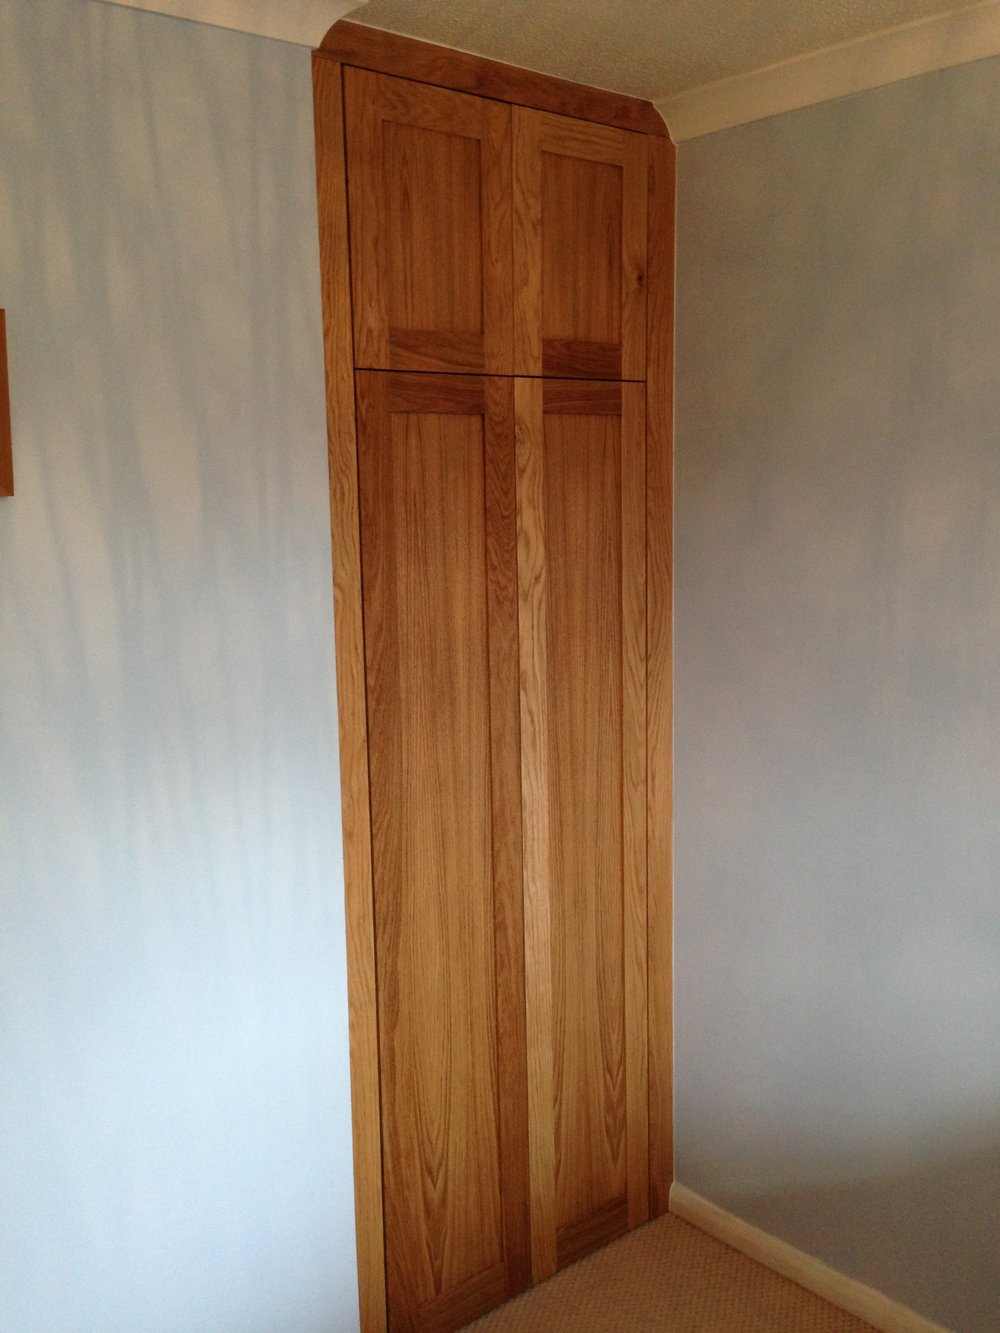 Wardrobe oak front.JPG